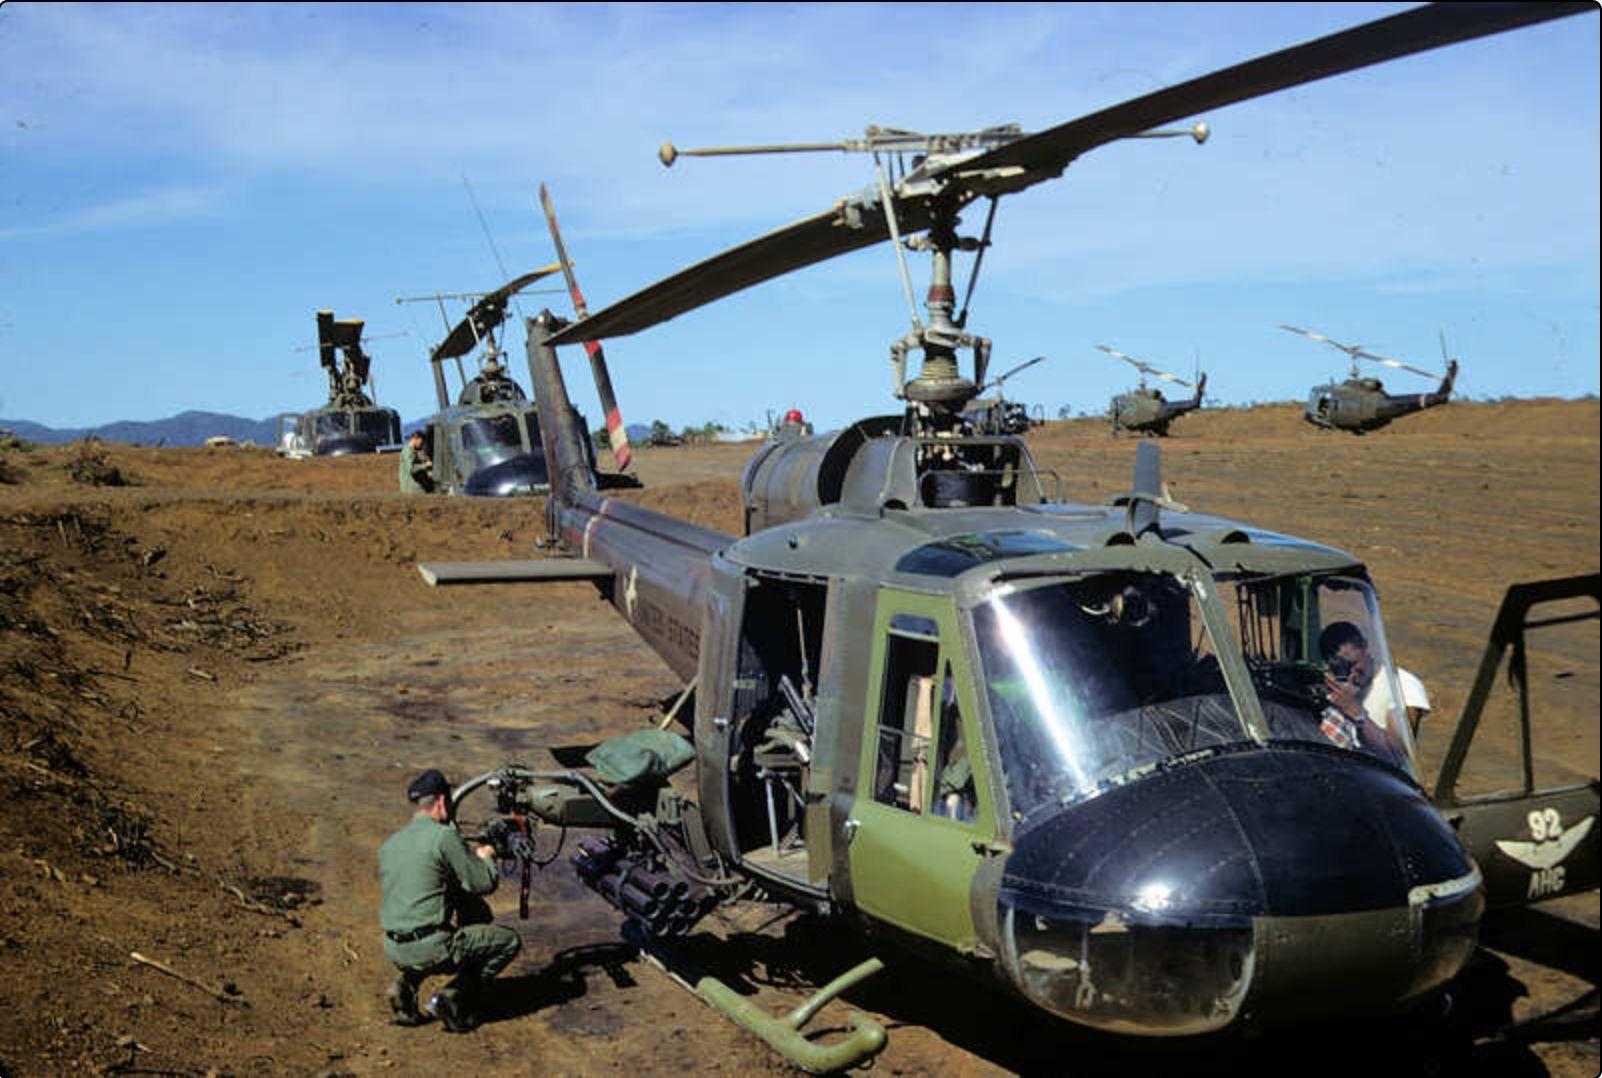 Pin by Brandy Maffit on Vietnam war Vietnam war photos